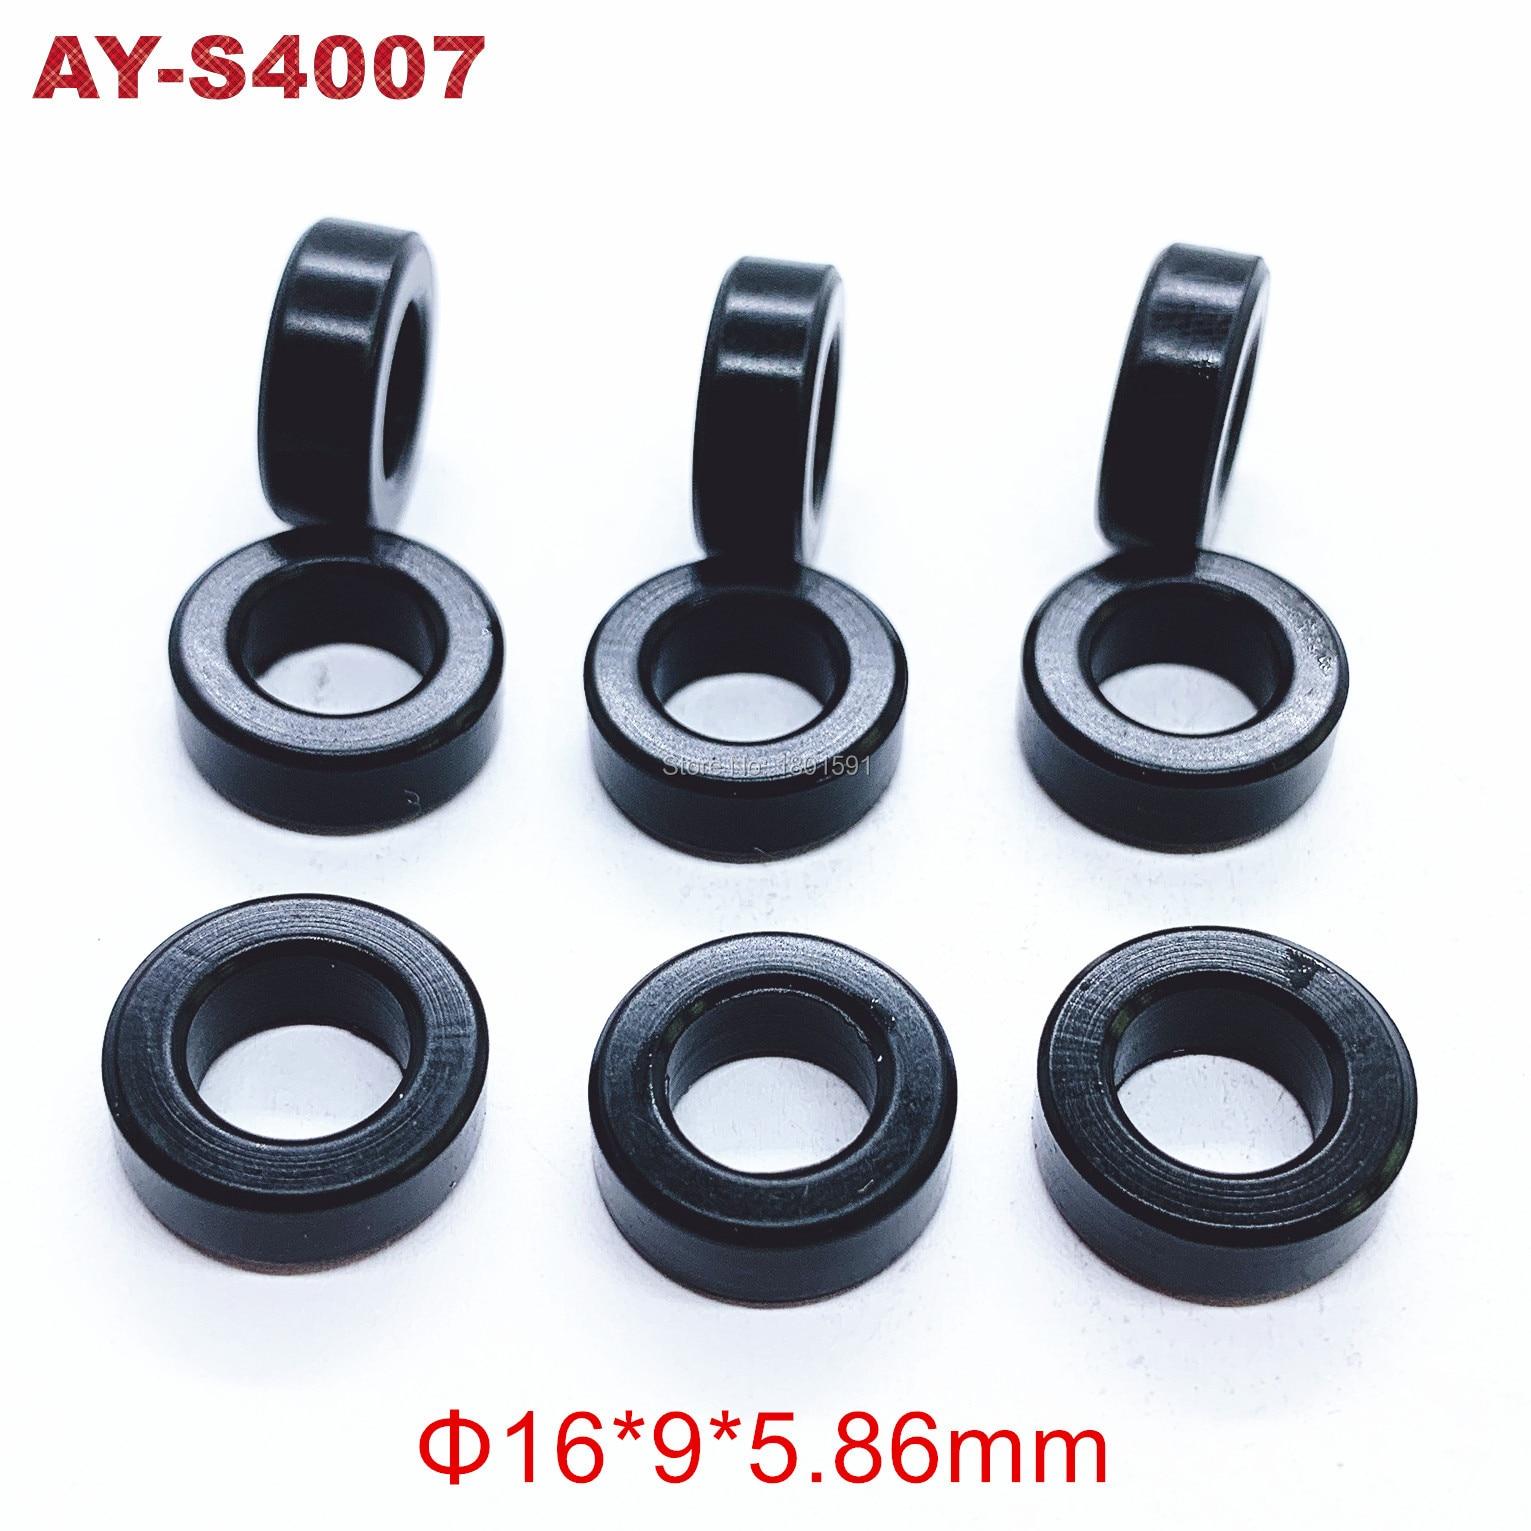 200 pièces joints en caoutchouc ondulé oring 16*9*5.8mm pour toyota injecteur de carburant kits de réparation (AY-S4007)